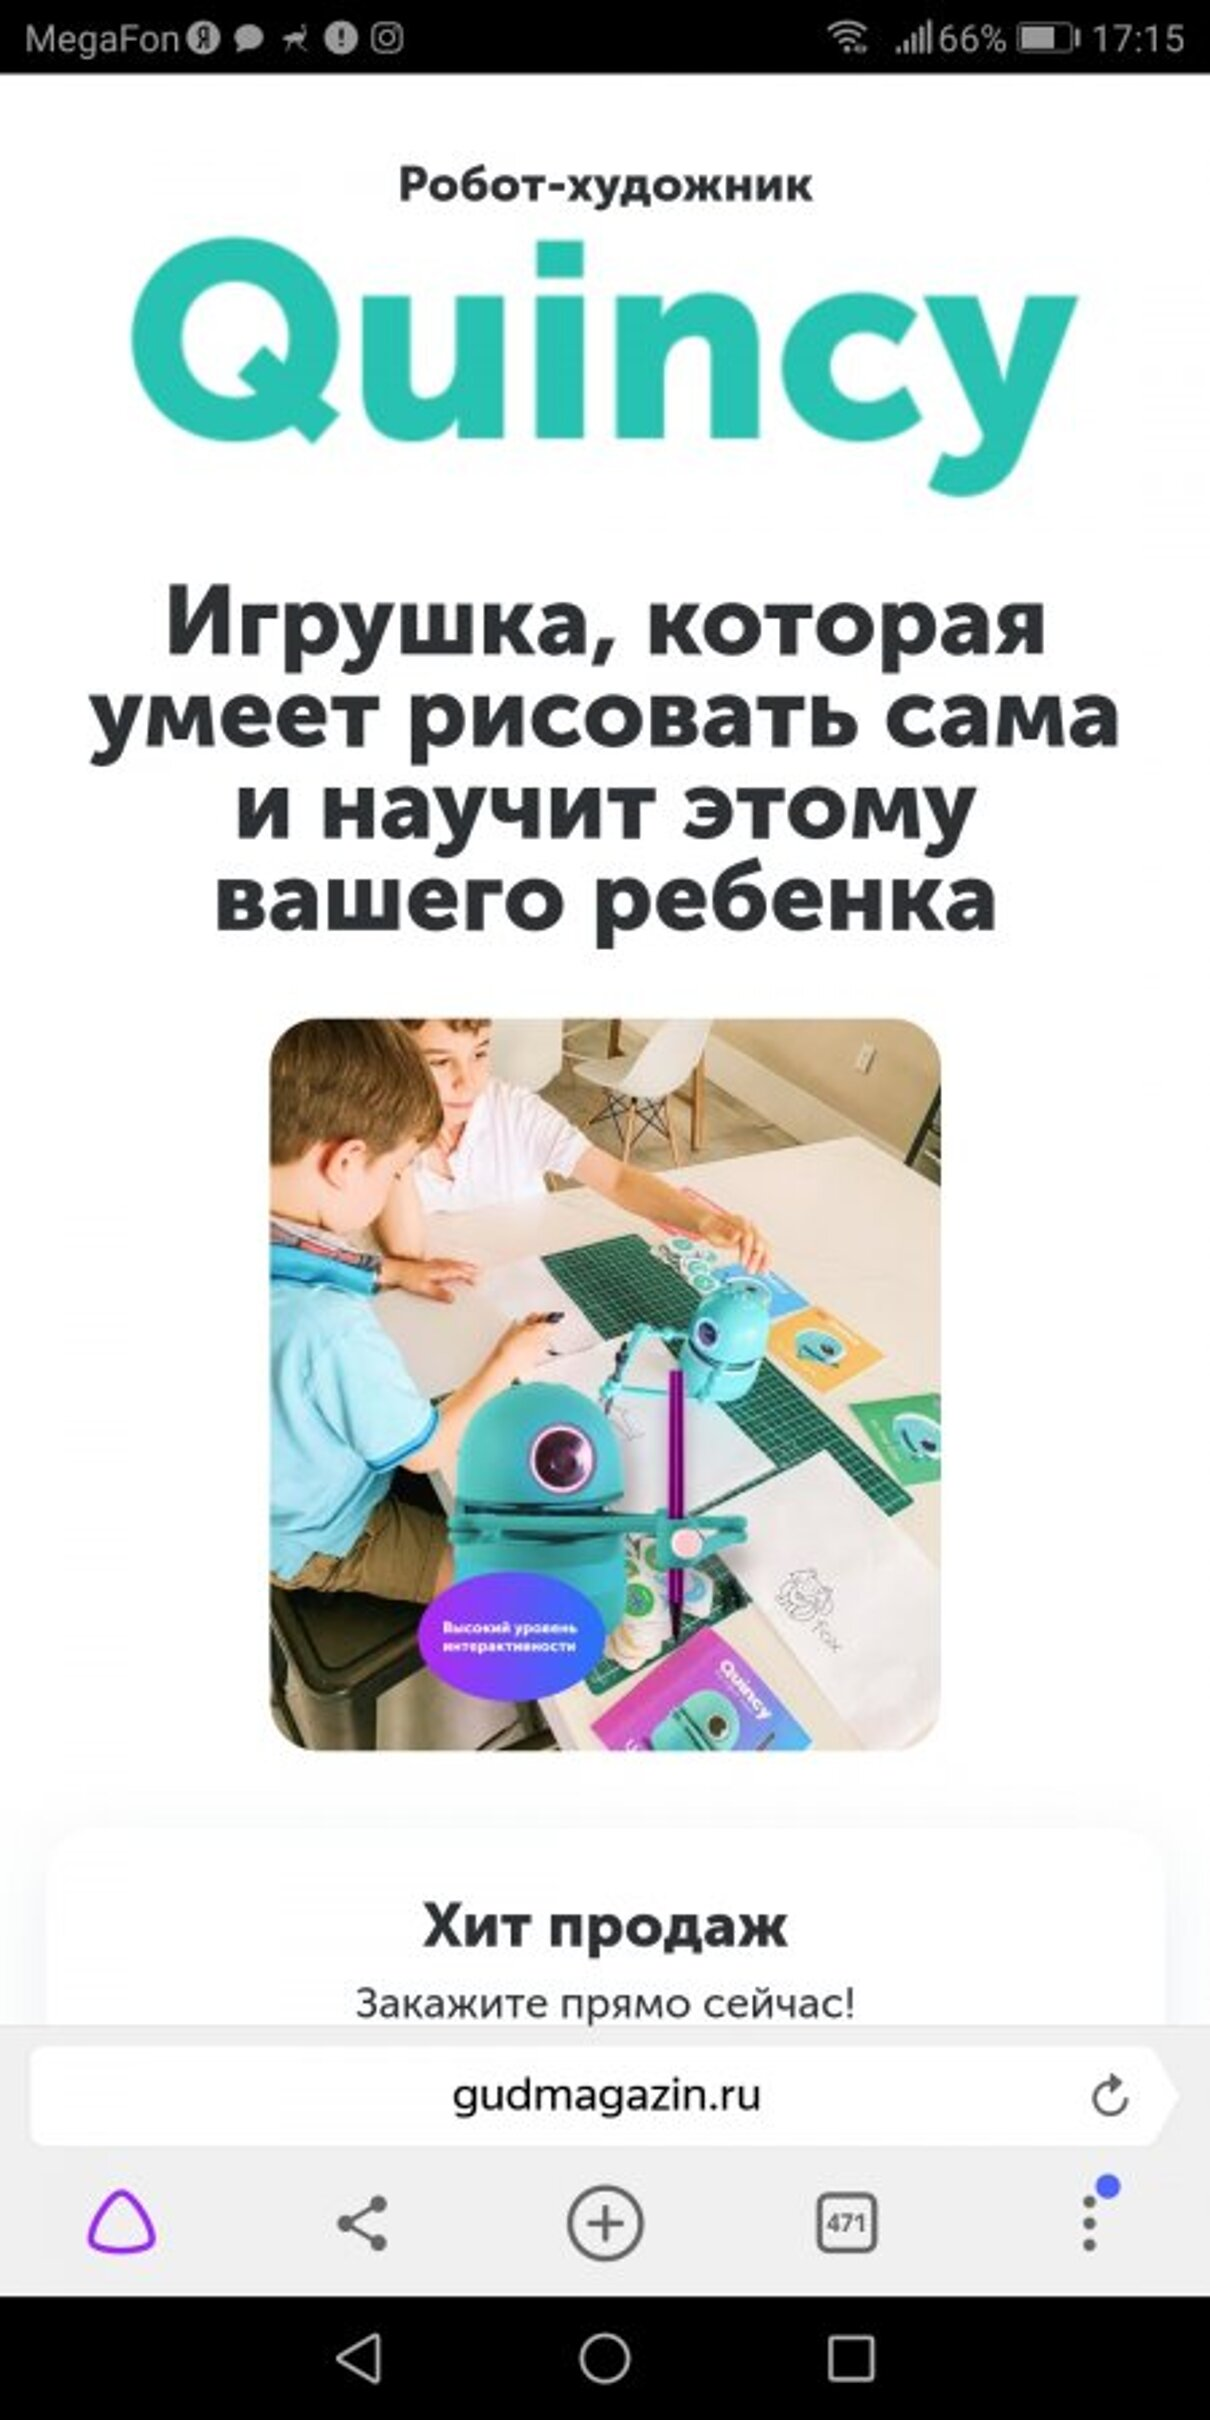 Жалоба-отзыв: Робот художник quincy - Присылают пустую коробку.  Фото №1